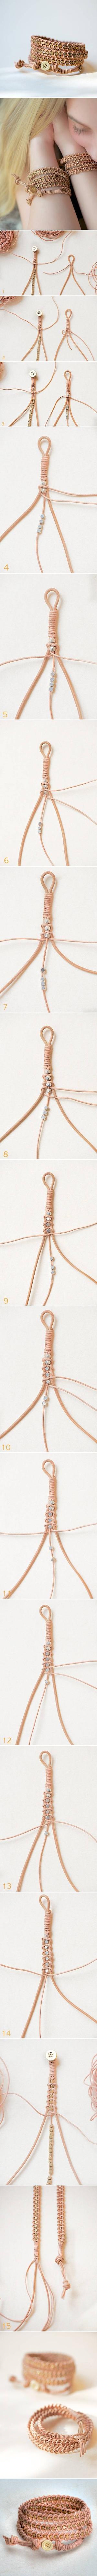 DIY Leather Wrap Bracelet DIY Leather Wrap Bracelet by diyforever